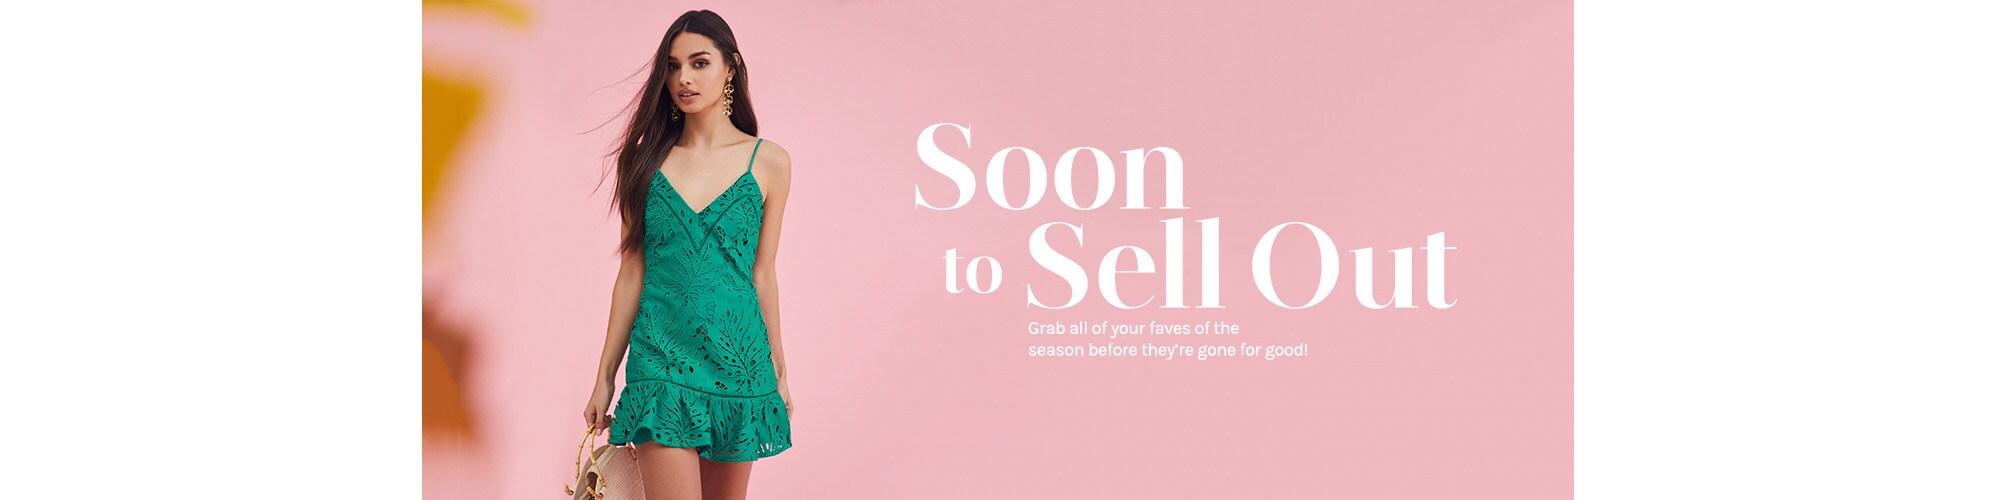 Shop Top Designer Clothing Brands Online at REVOLVE eb311ec505